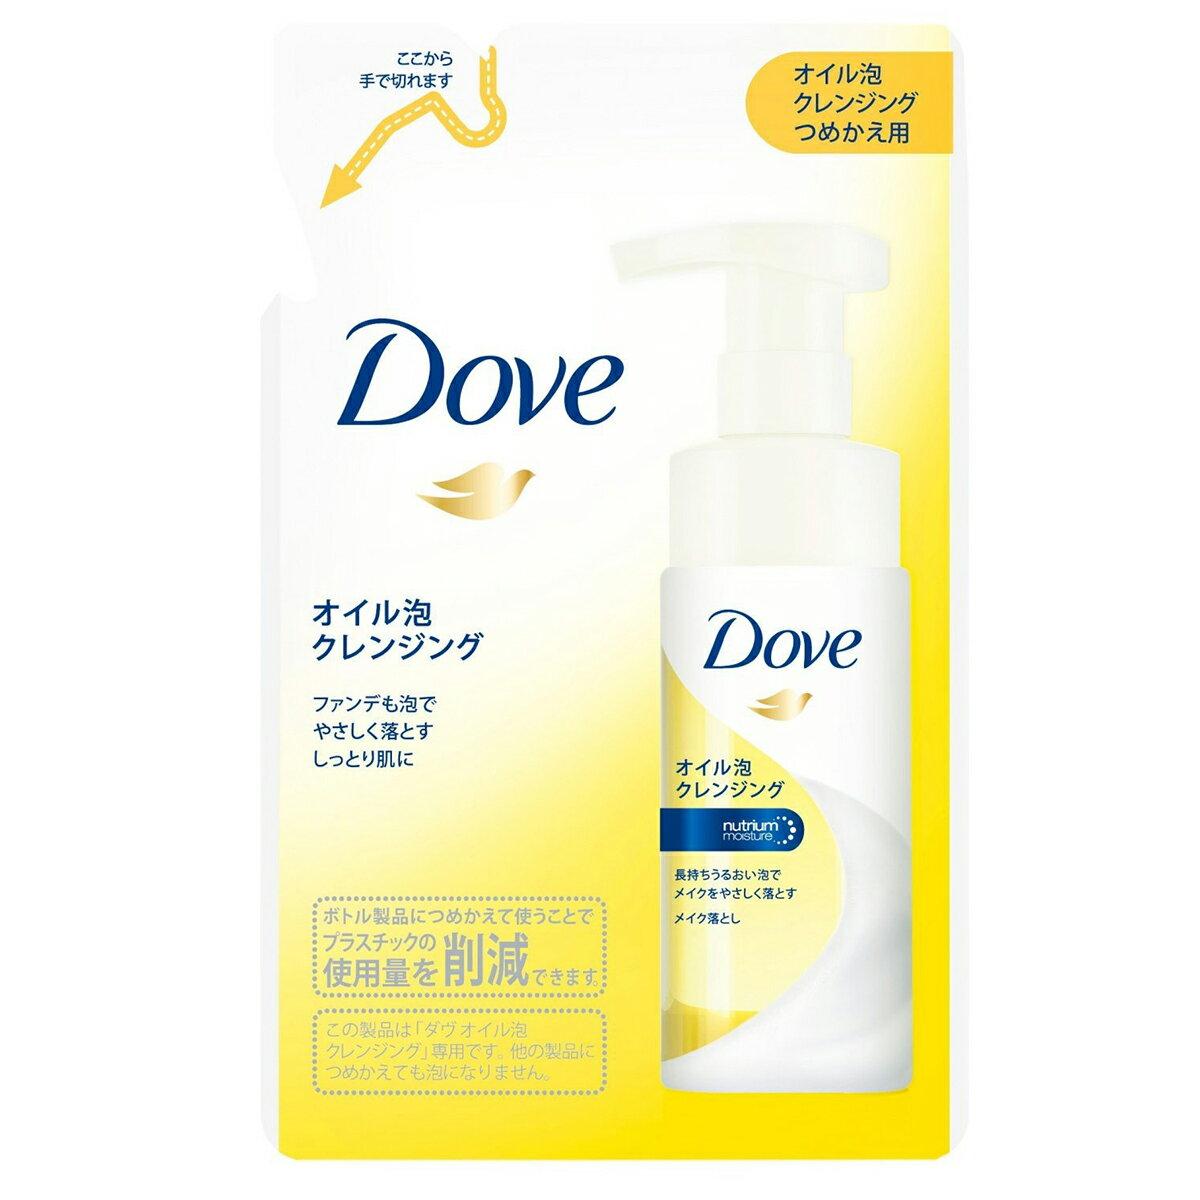 【8/14〜8/15限定!クーポン利用でポイント13倍相当】ユニリーバ・ジャパン株式会社Dove(ダヴ) オイル泡クレンジング[つめかえ用]130ml<メイク落とし><ナチュラルなホワイトフローラルの香り>(この商品は注文後のキャンセルができません)